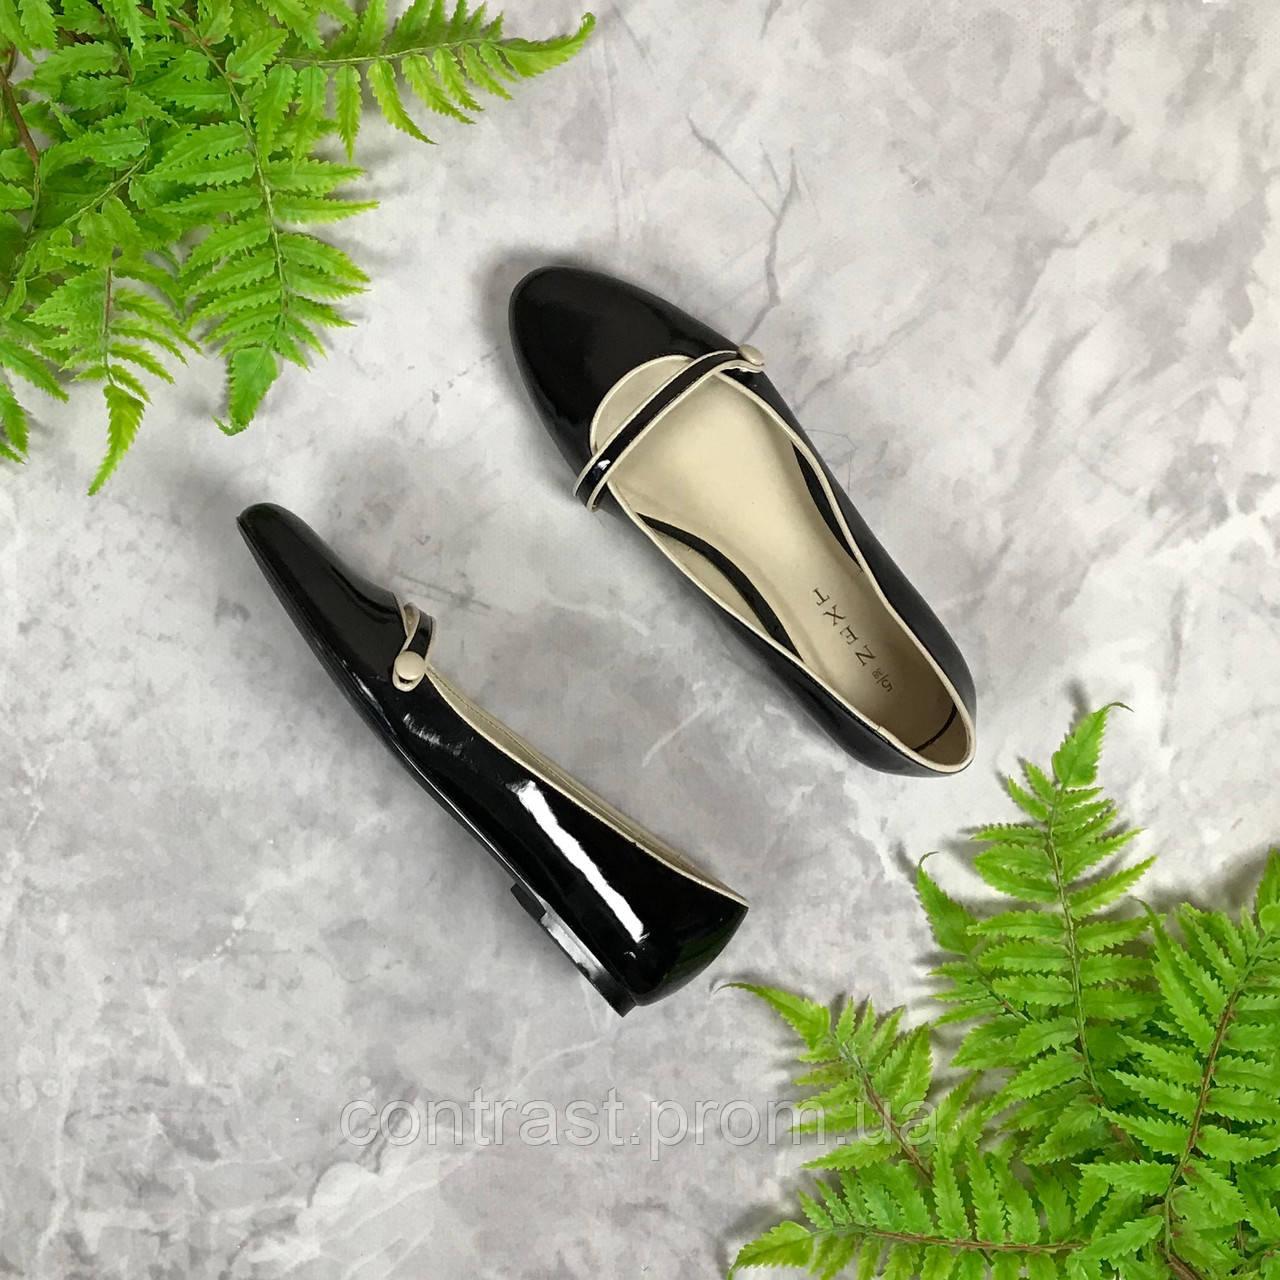 Лаковые туфли отличного качества  SH1924052